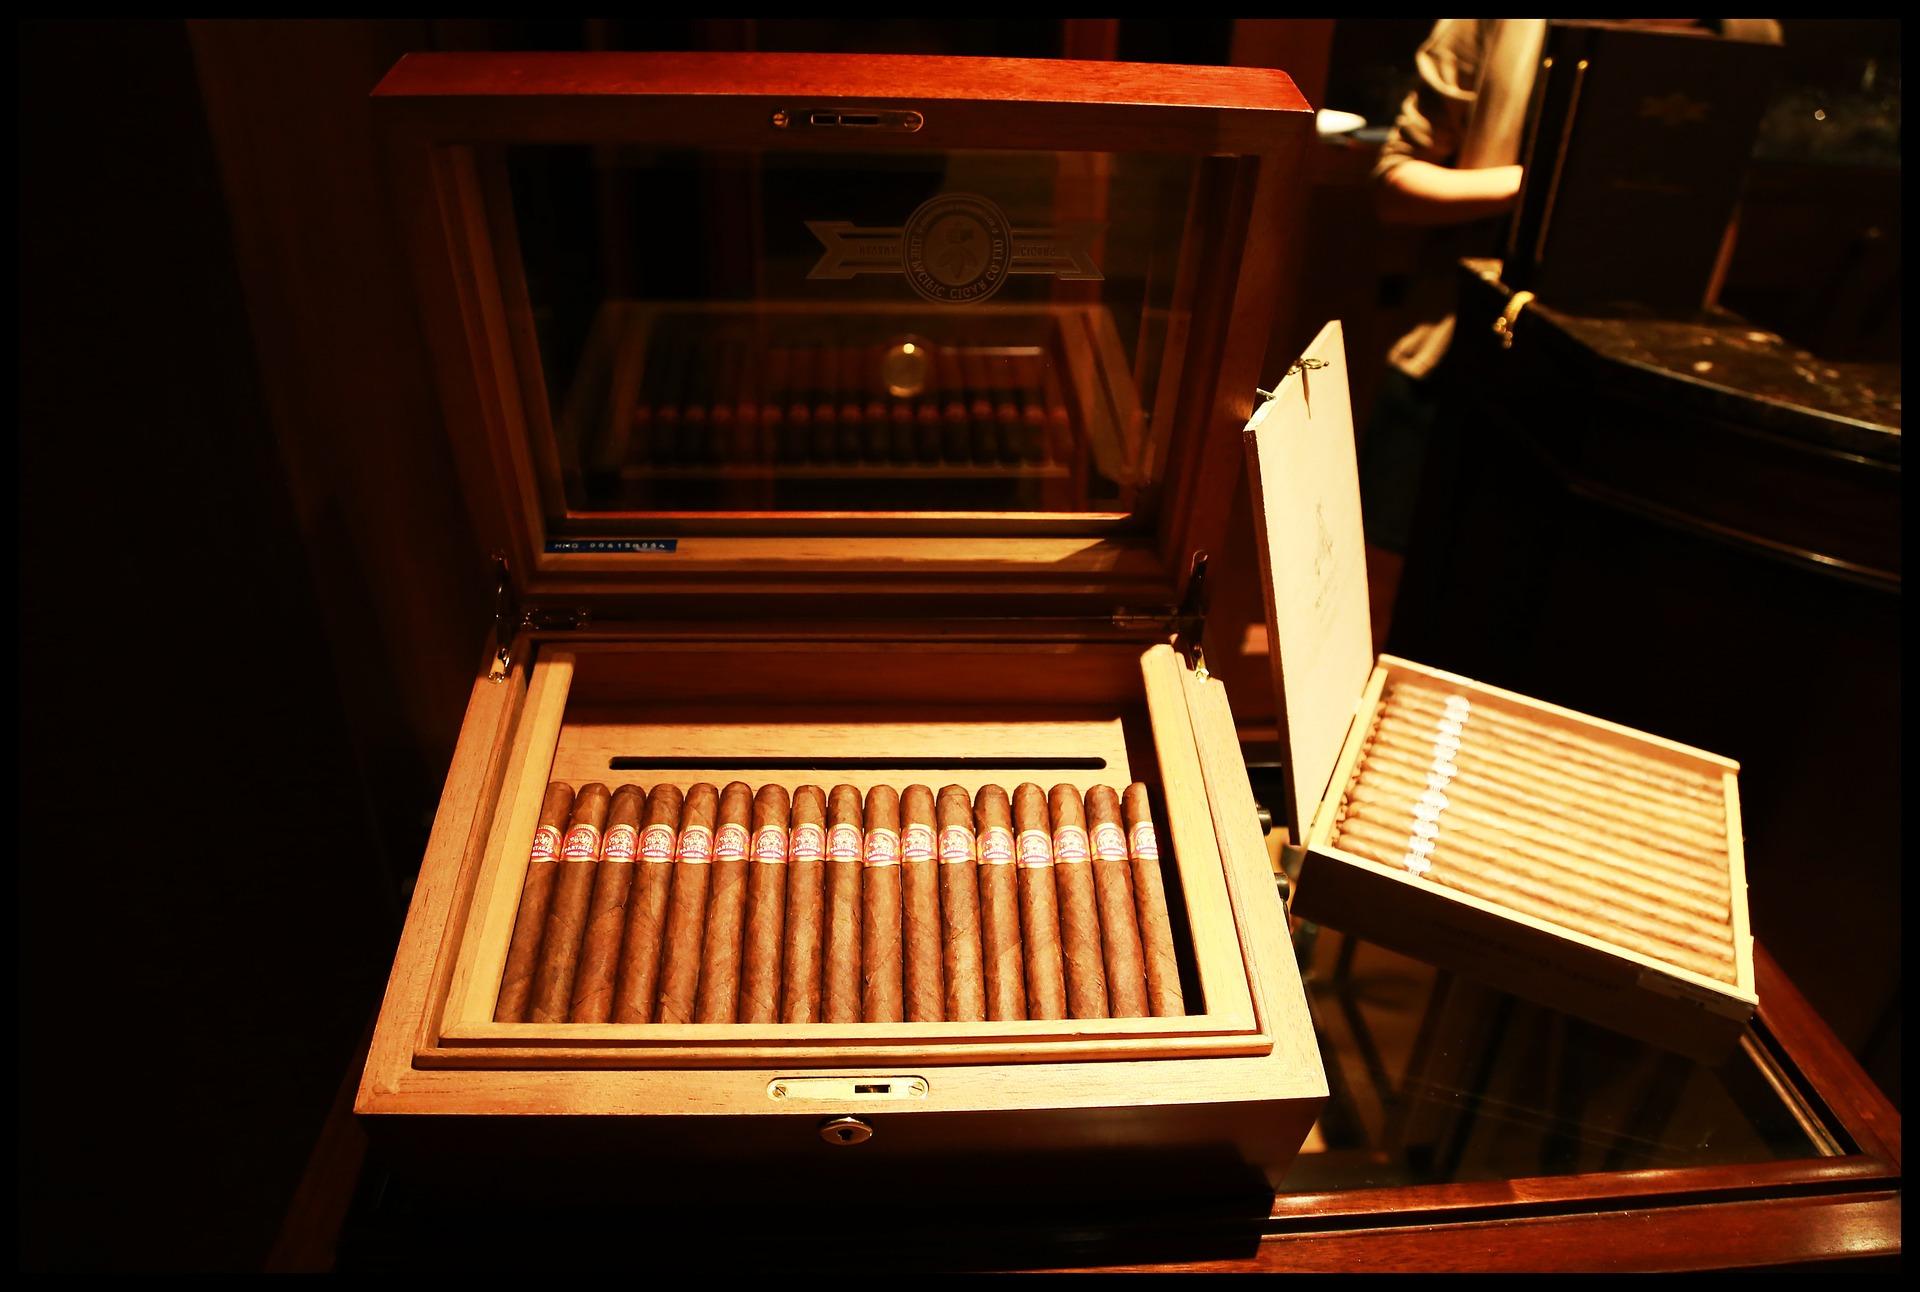 A box of Montecristo cigars